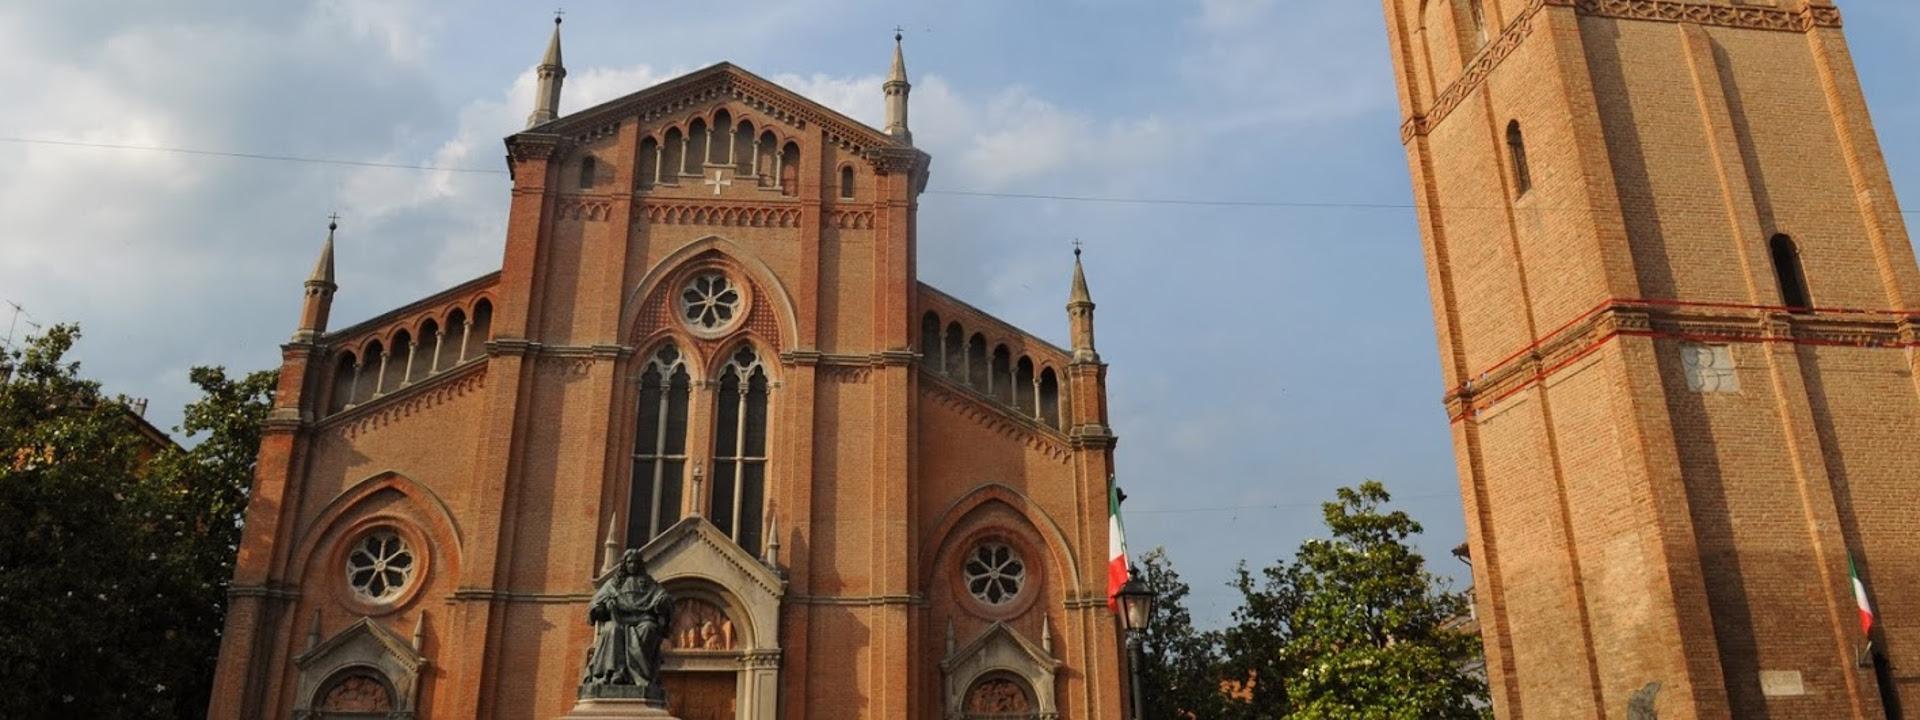 Chiesa San Silvestro Crevalcore